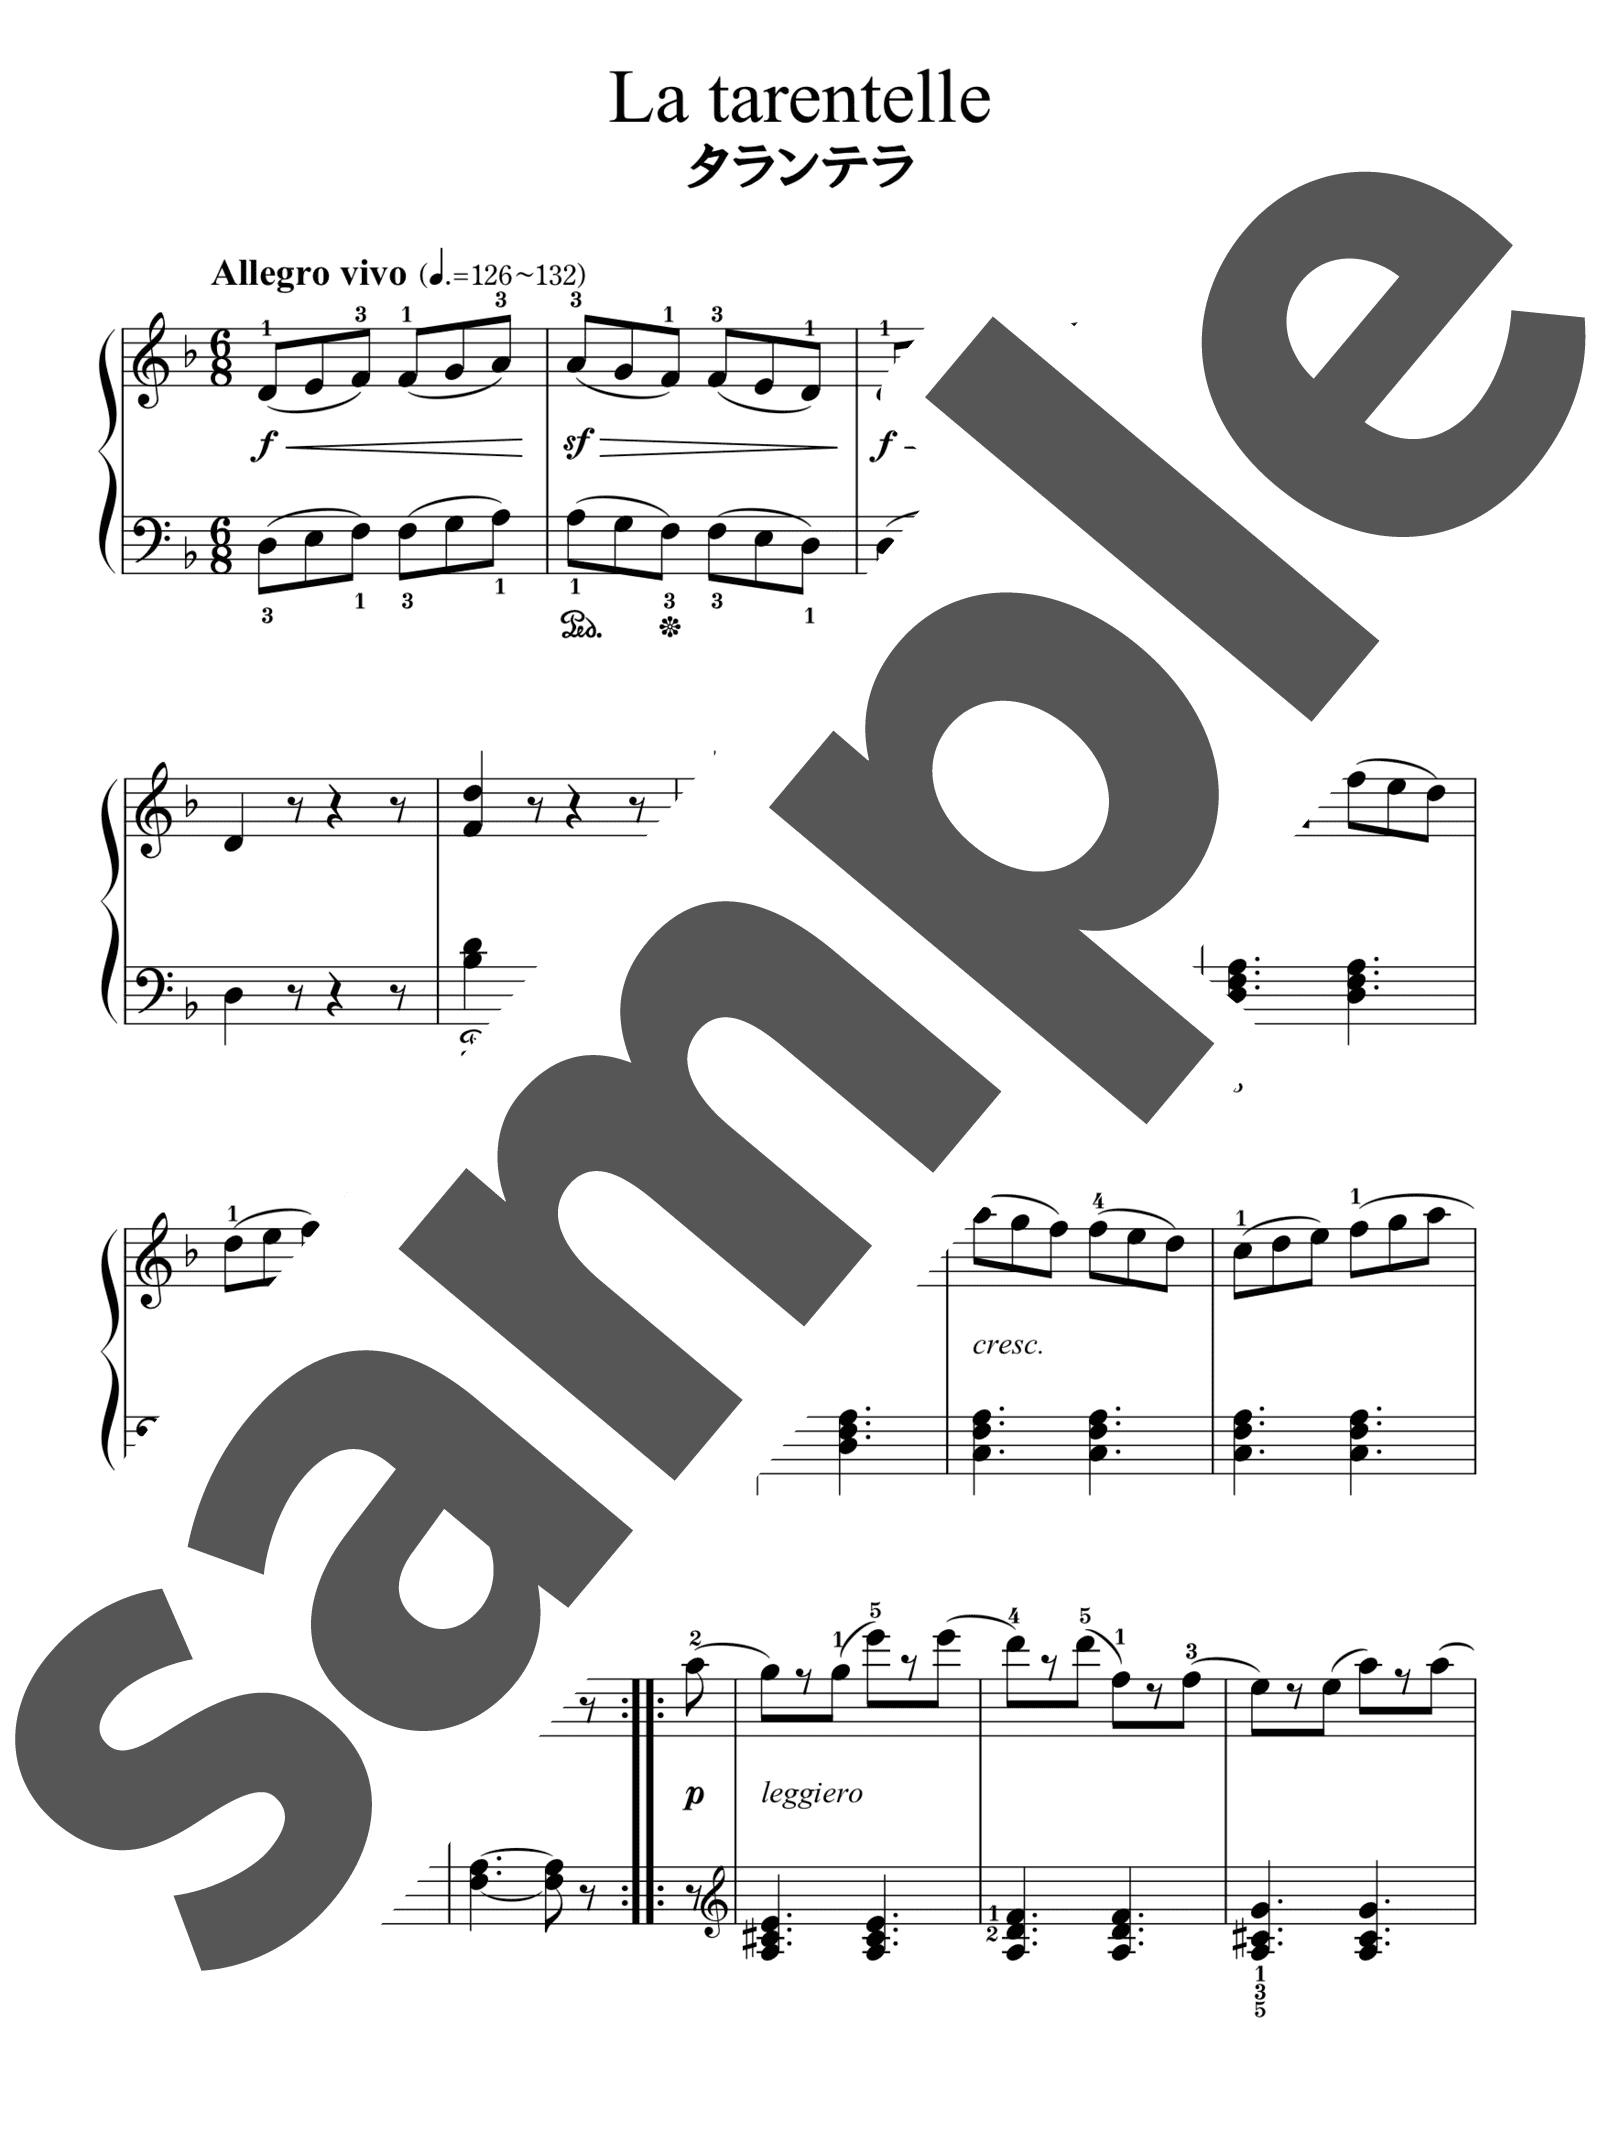 「ブルグミュラー25の練習曲20番 タランテラ」のサンプル楽譜